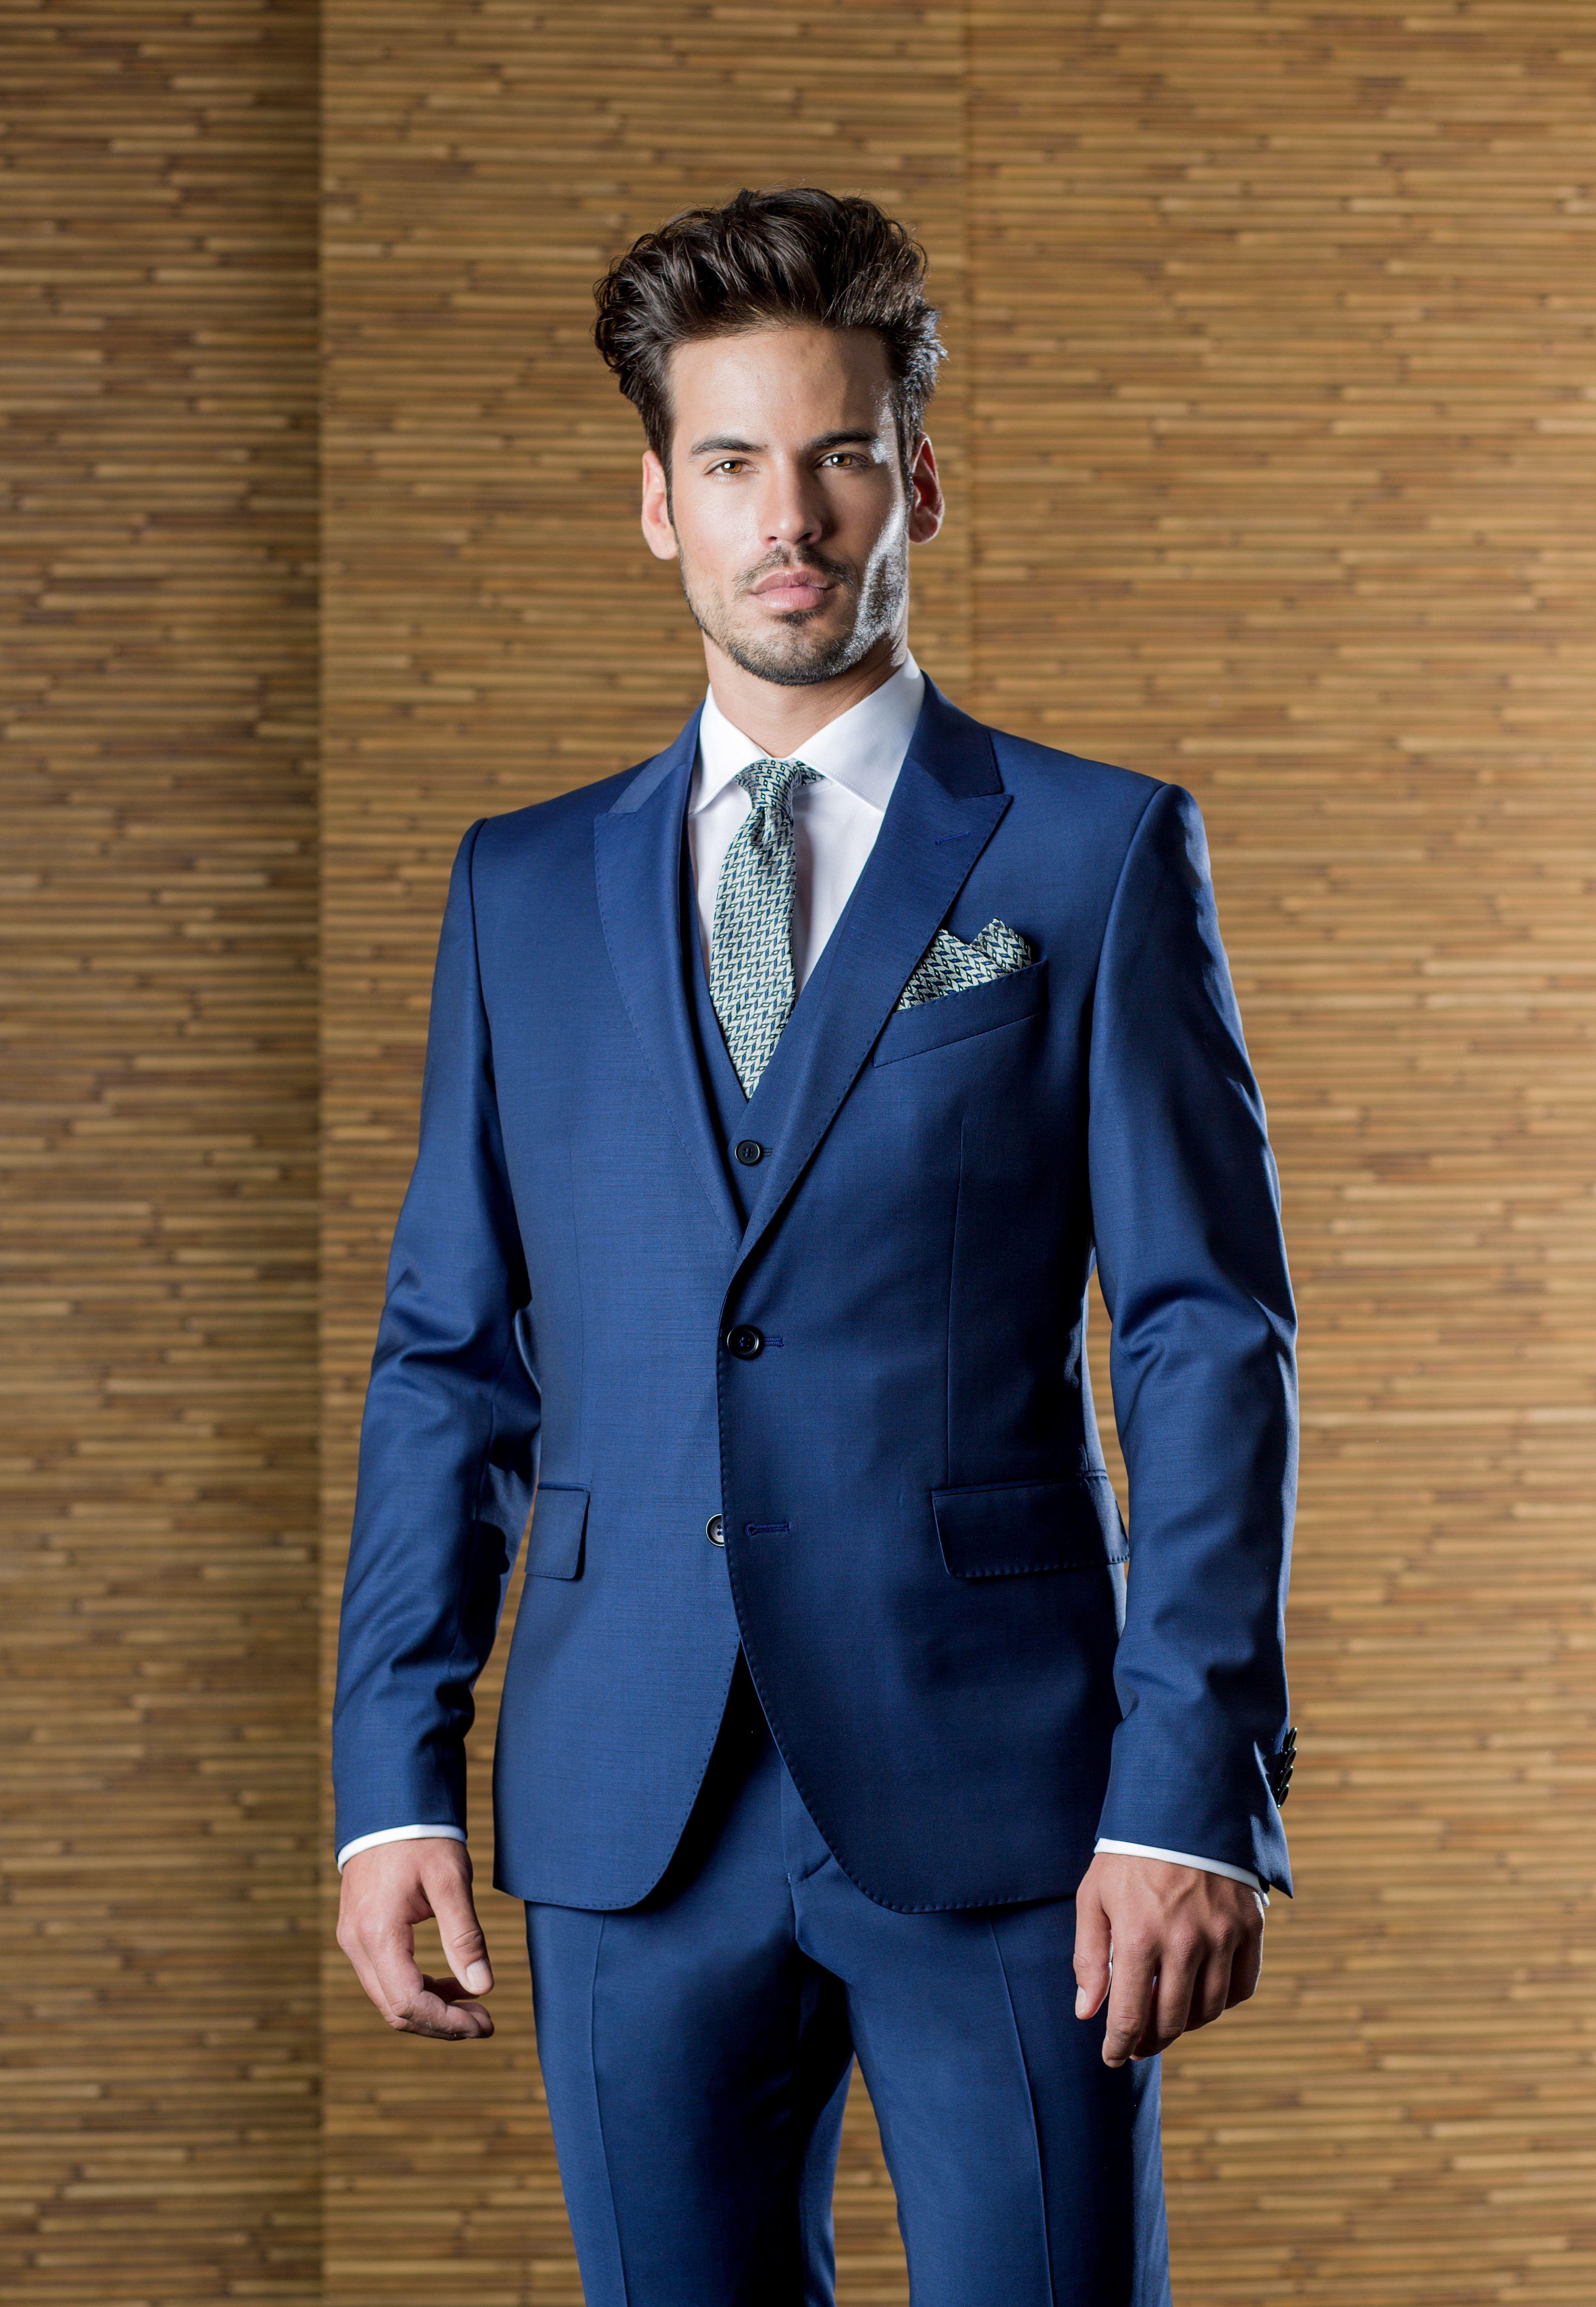 0639b8aebcab3 Traje de boda con chaleco de la firma ETIEM en azul Klein ...